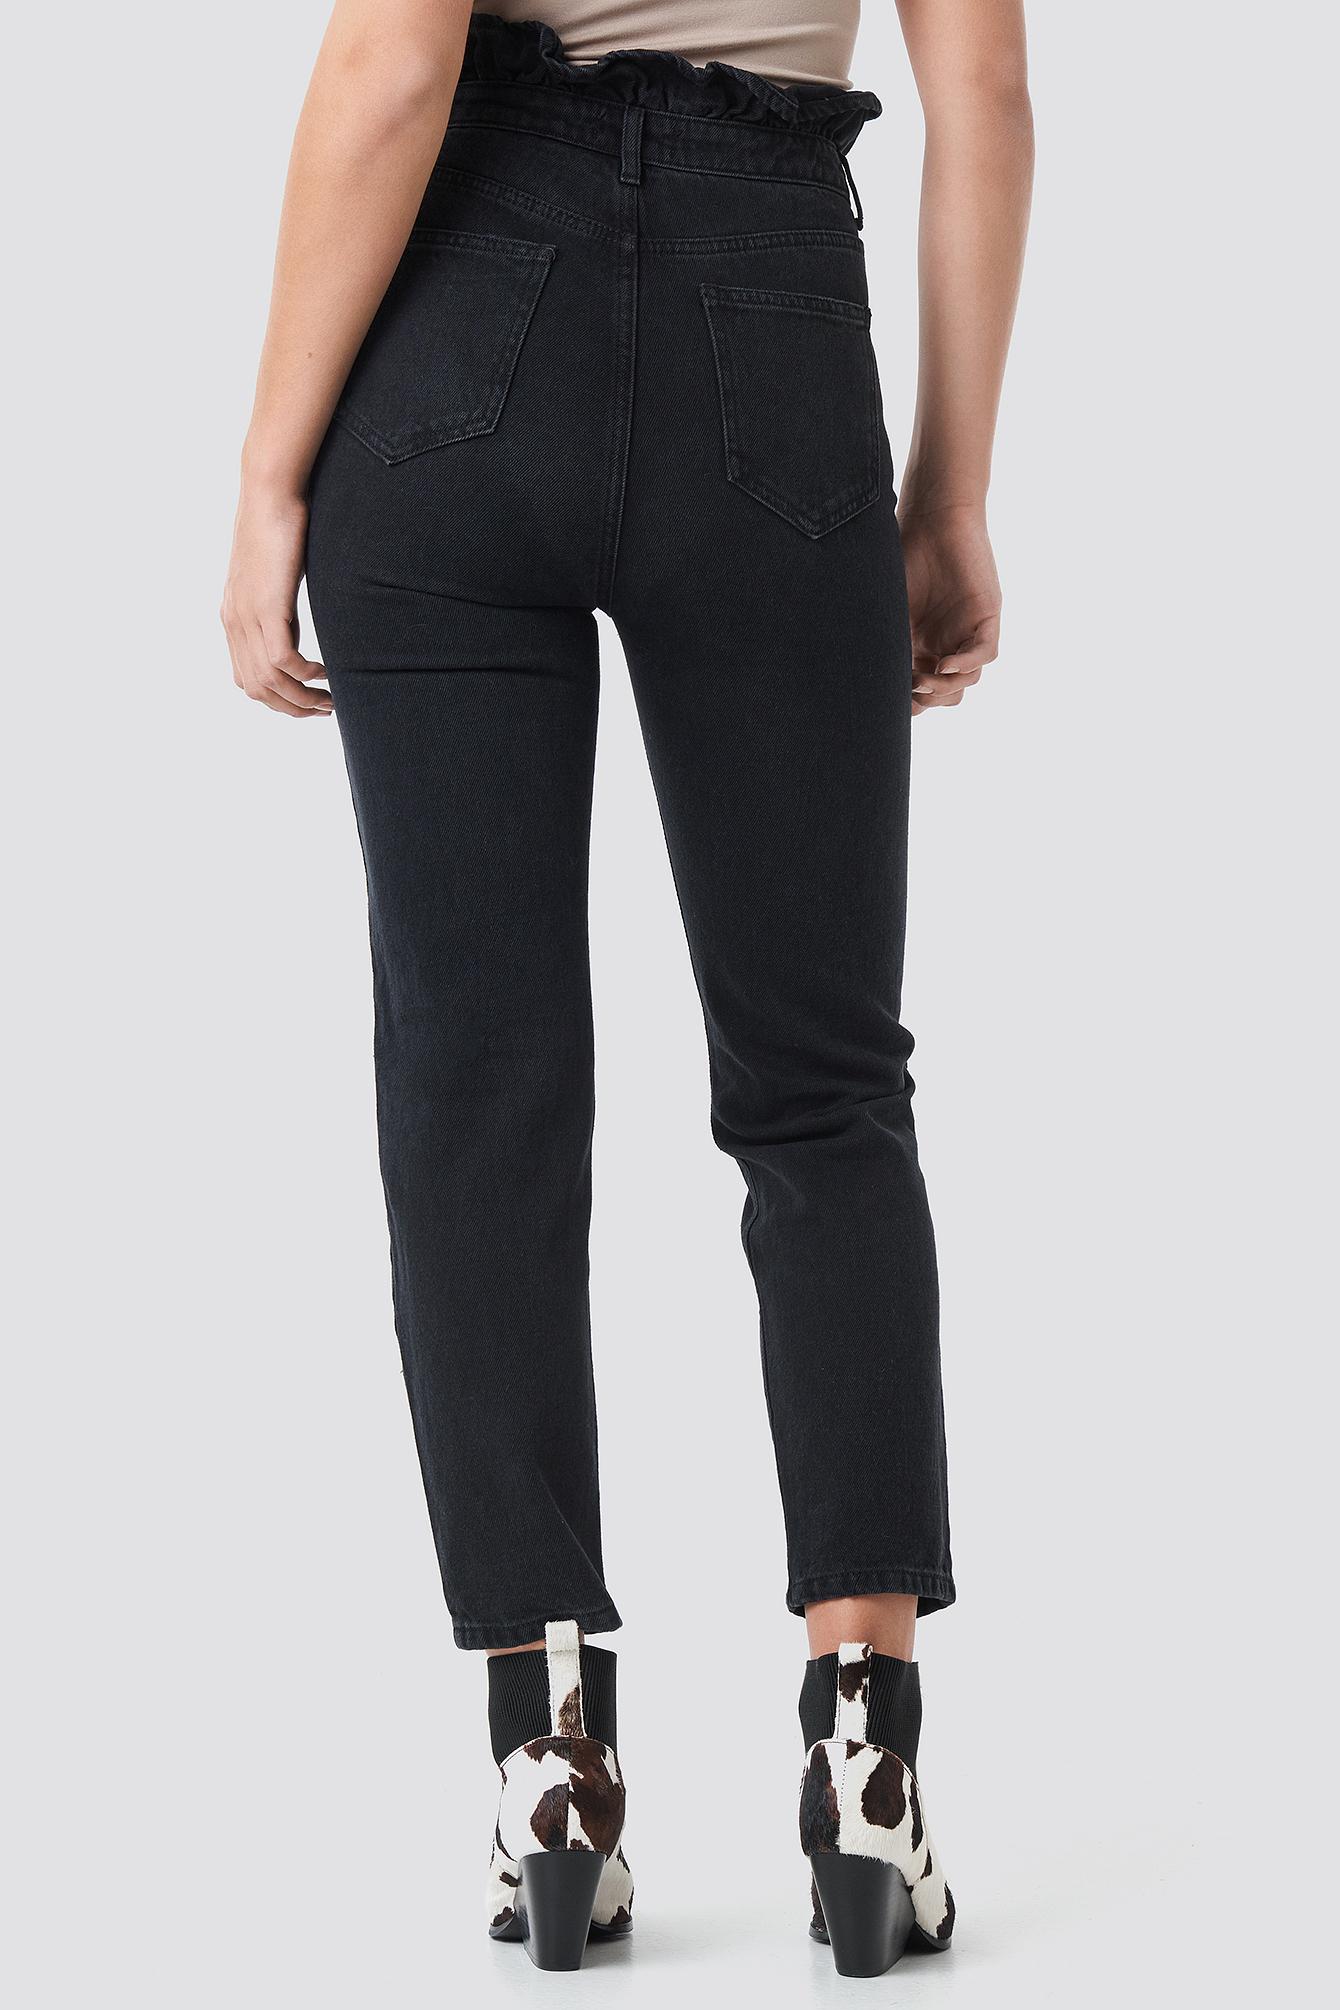 Shaper Detail High Waist Mom Jeans NA-KD.COM